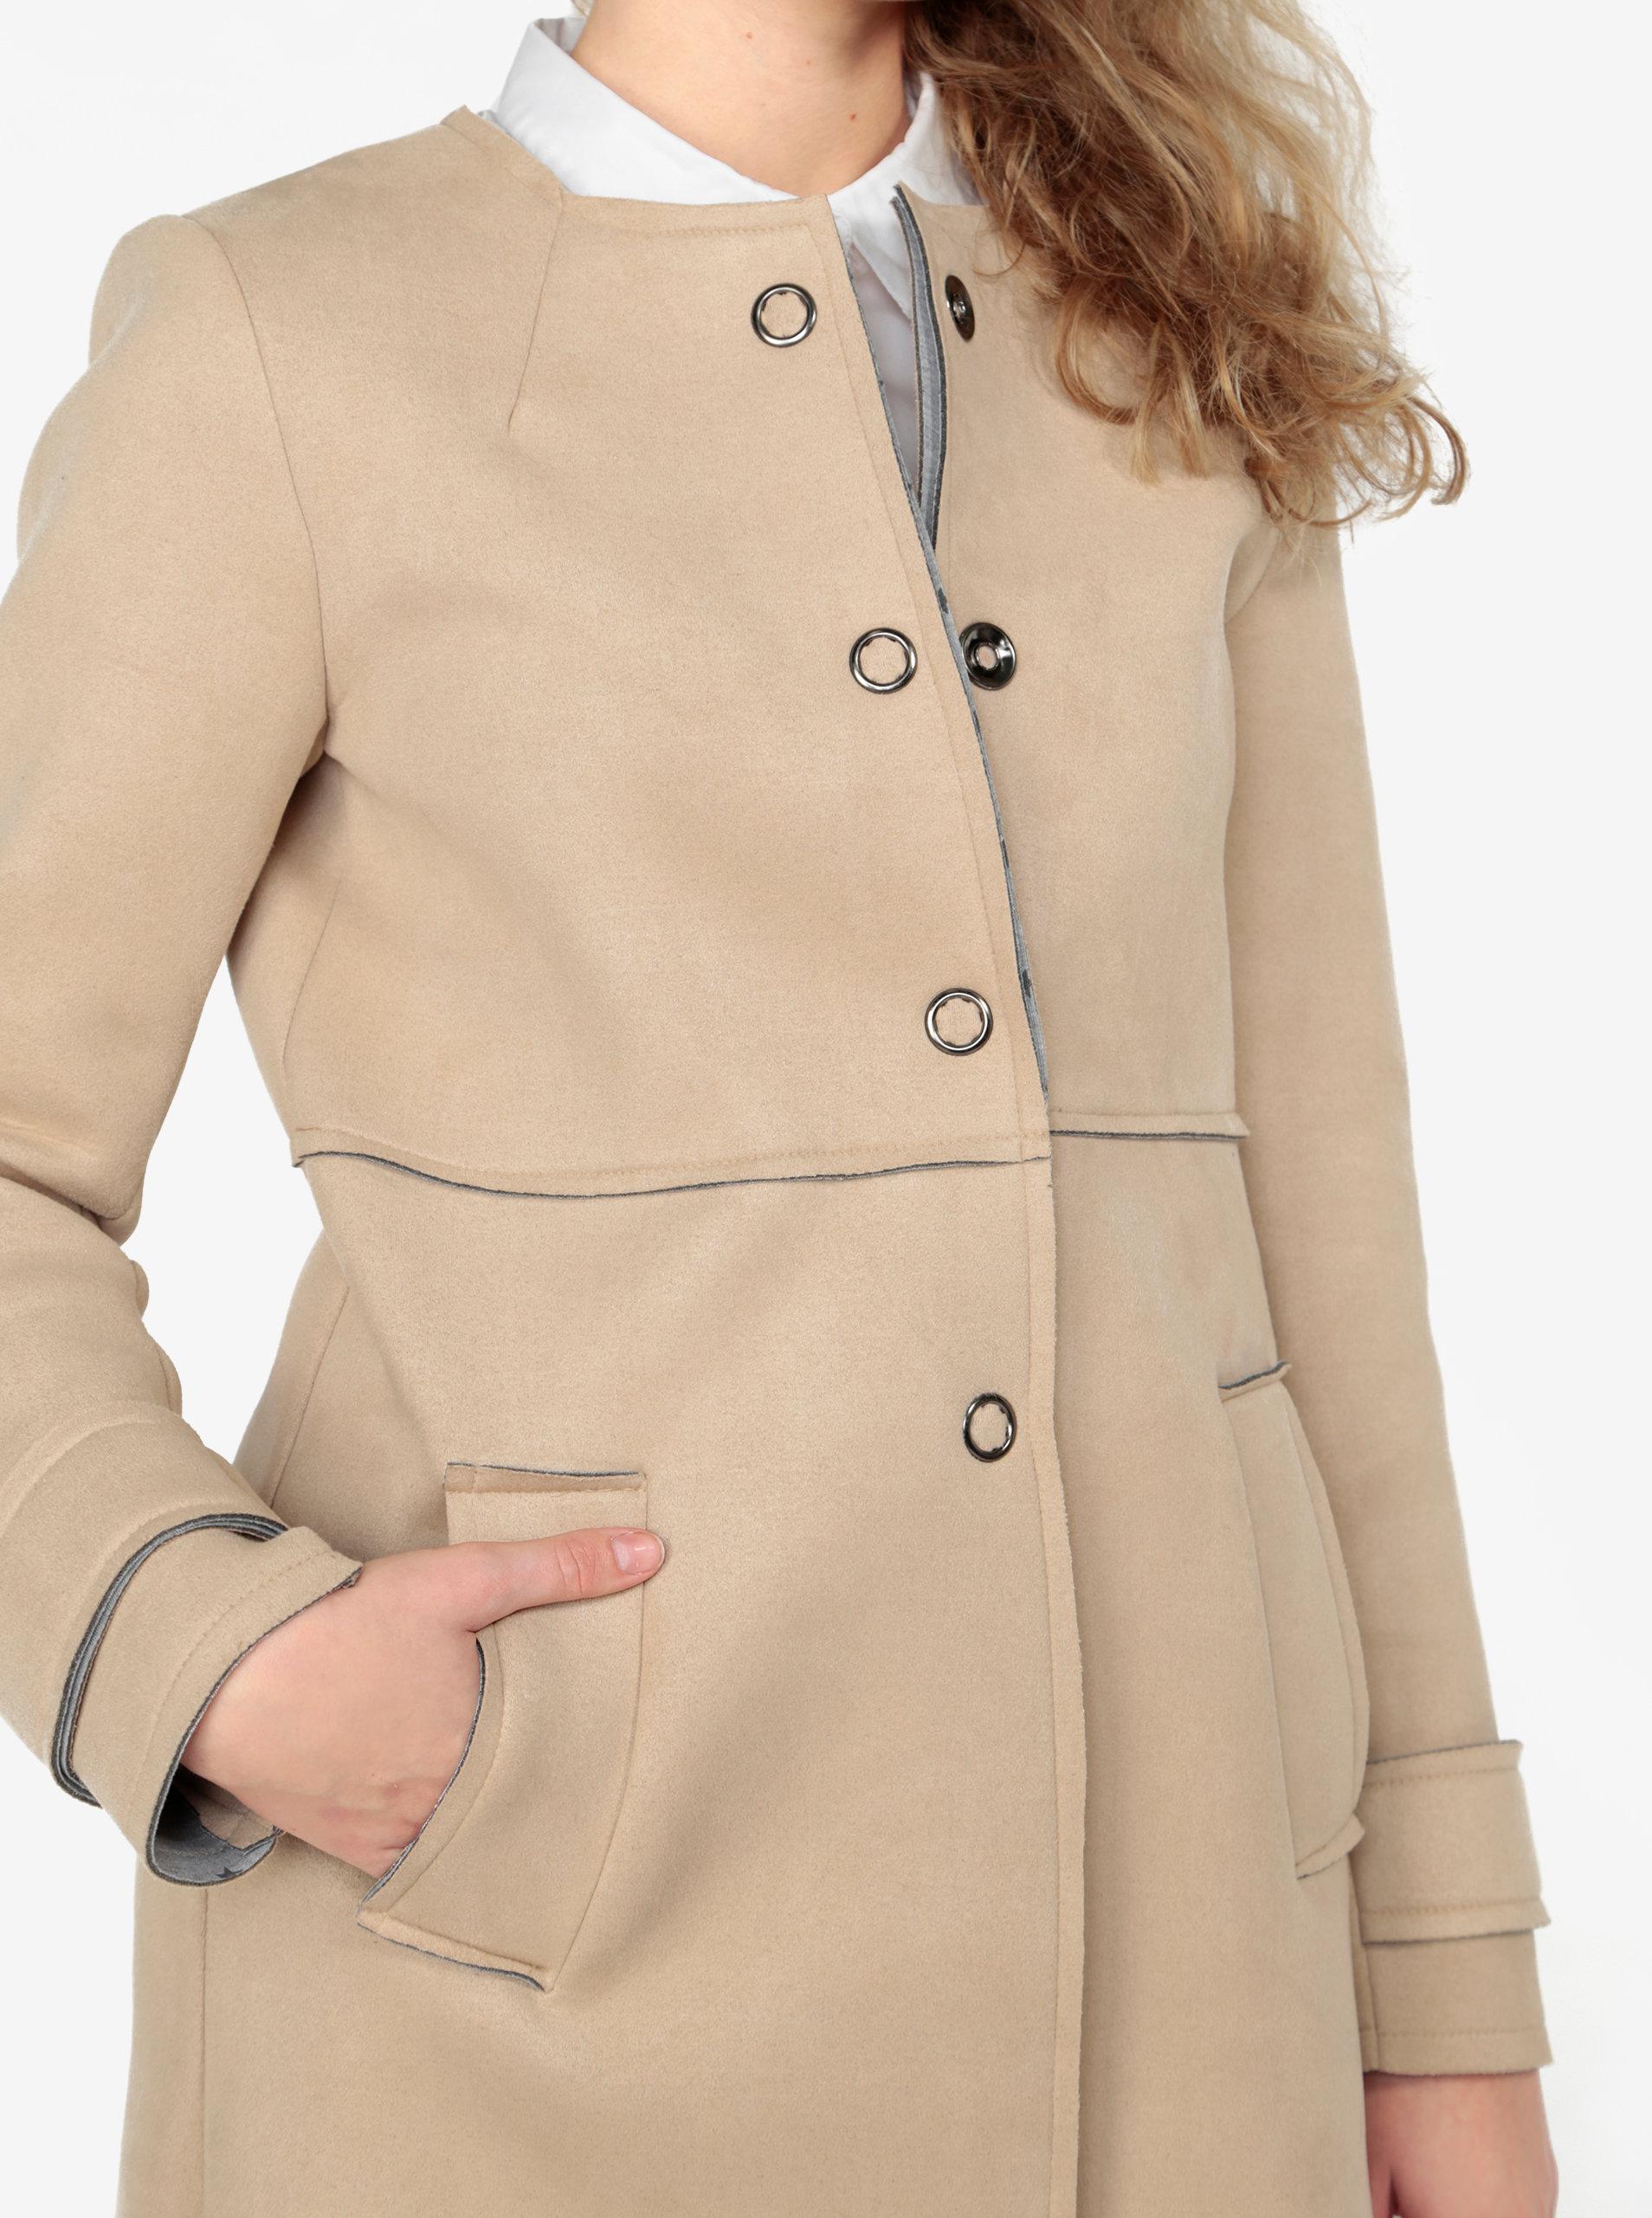 Béžový kabát v semišové úpravě ZOOT ... ad3bcc3a5c1